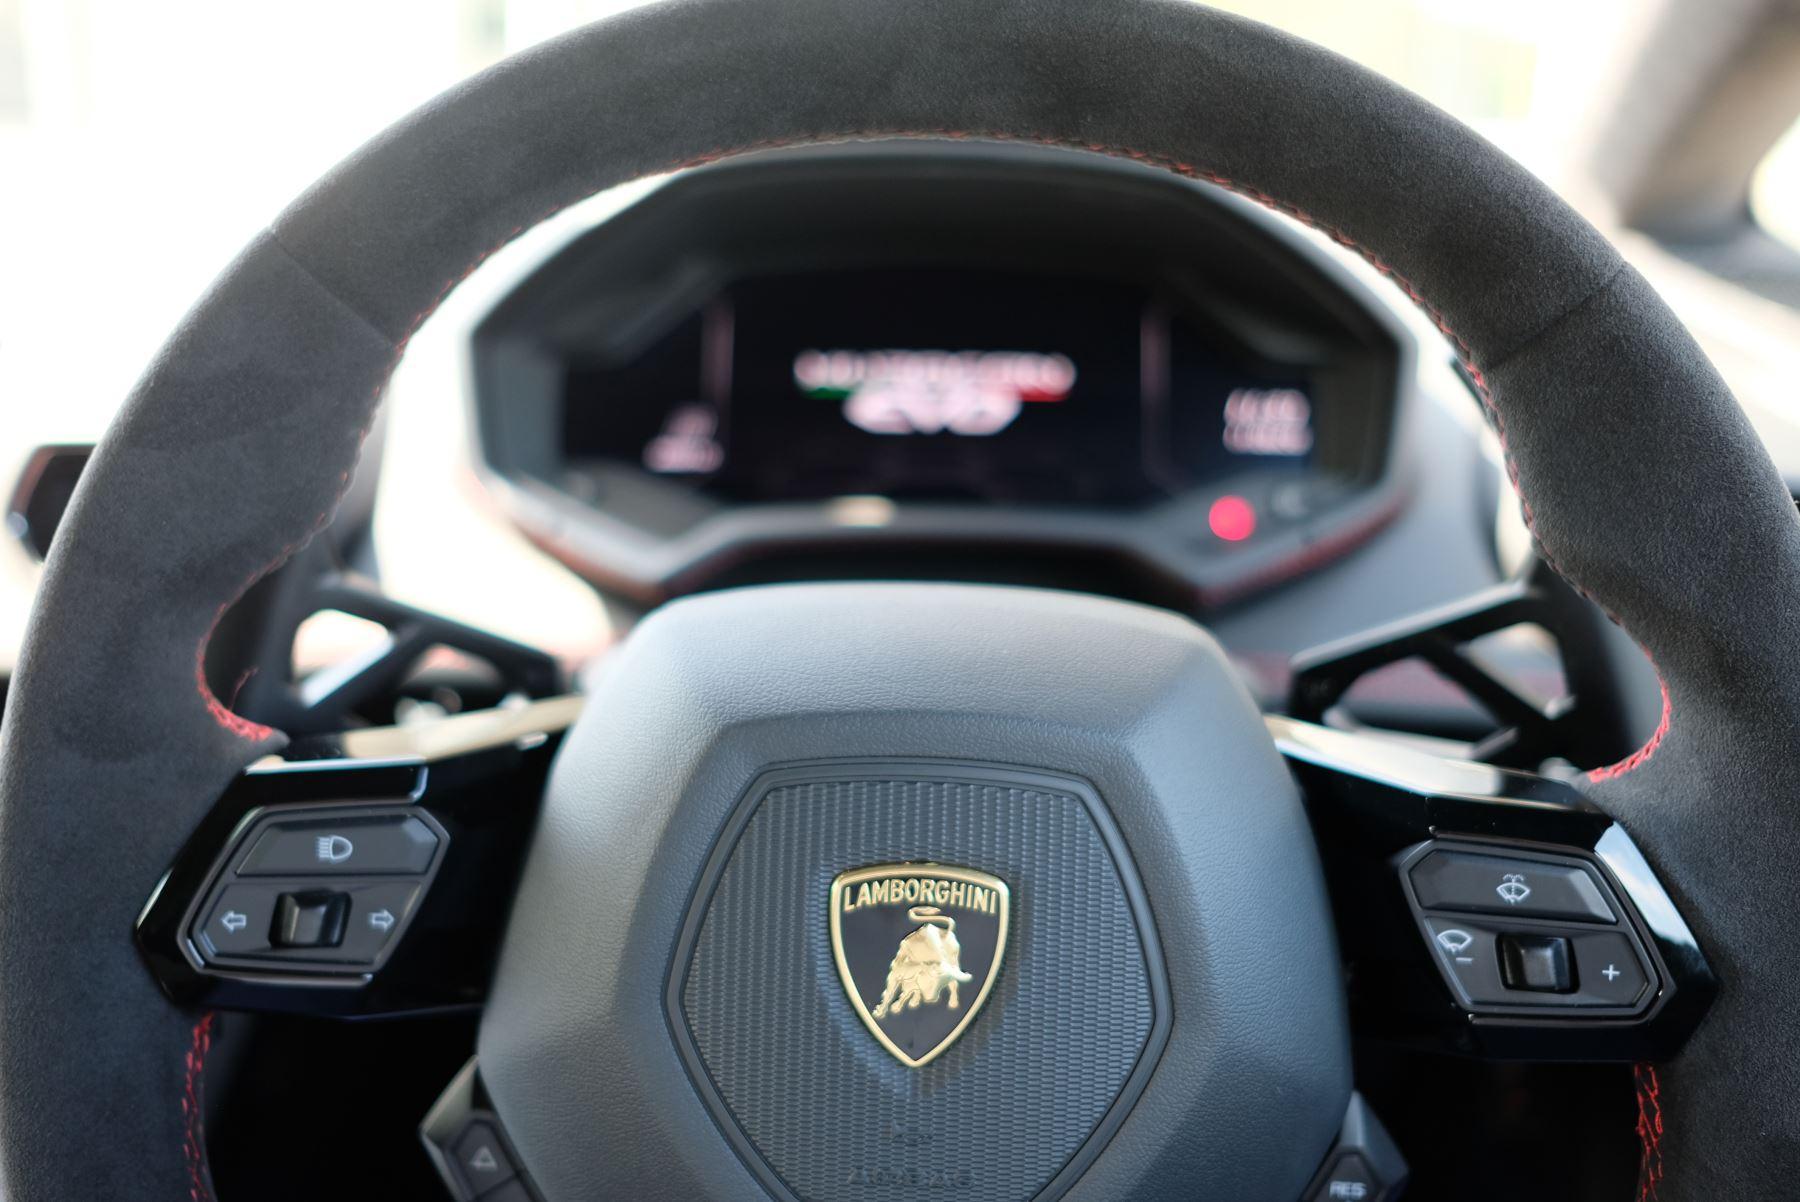 Lamborghini Huracan EVO LP 640-4 5.2 AWD image 20